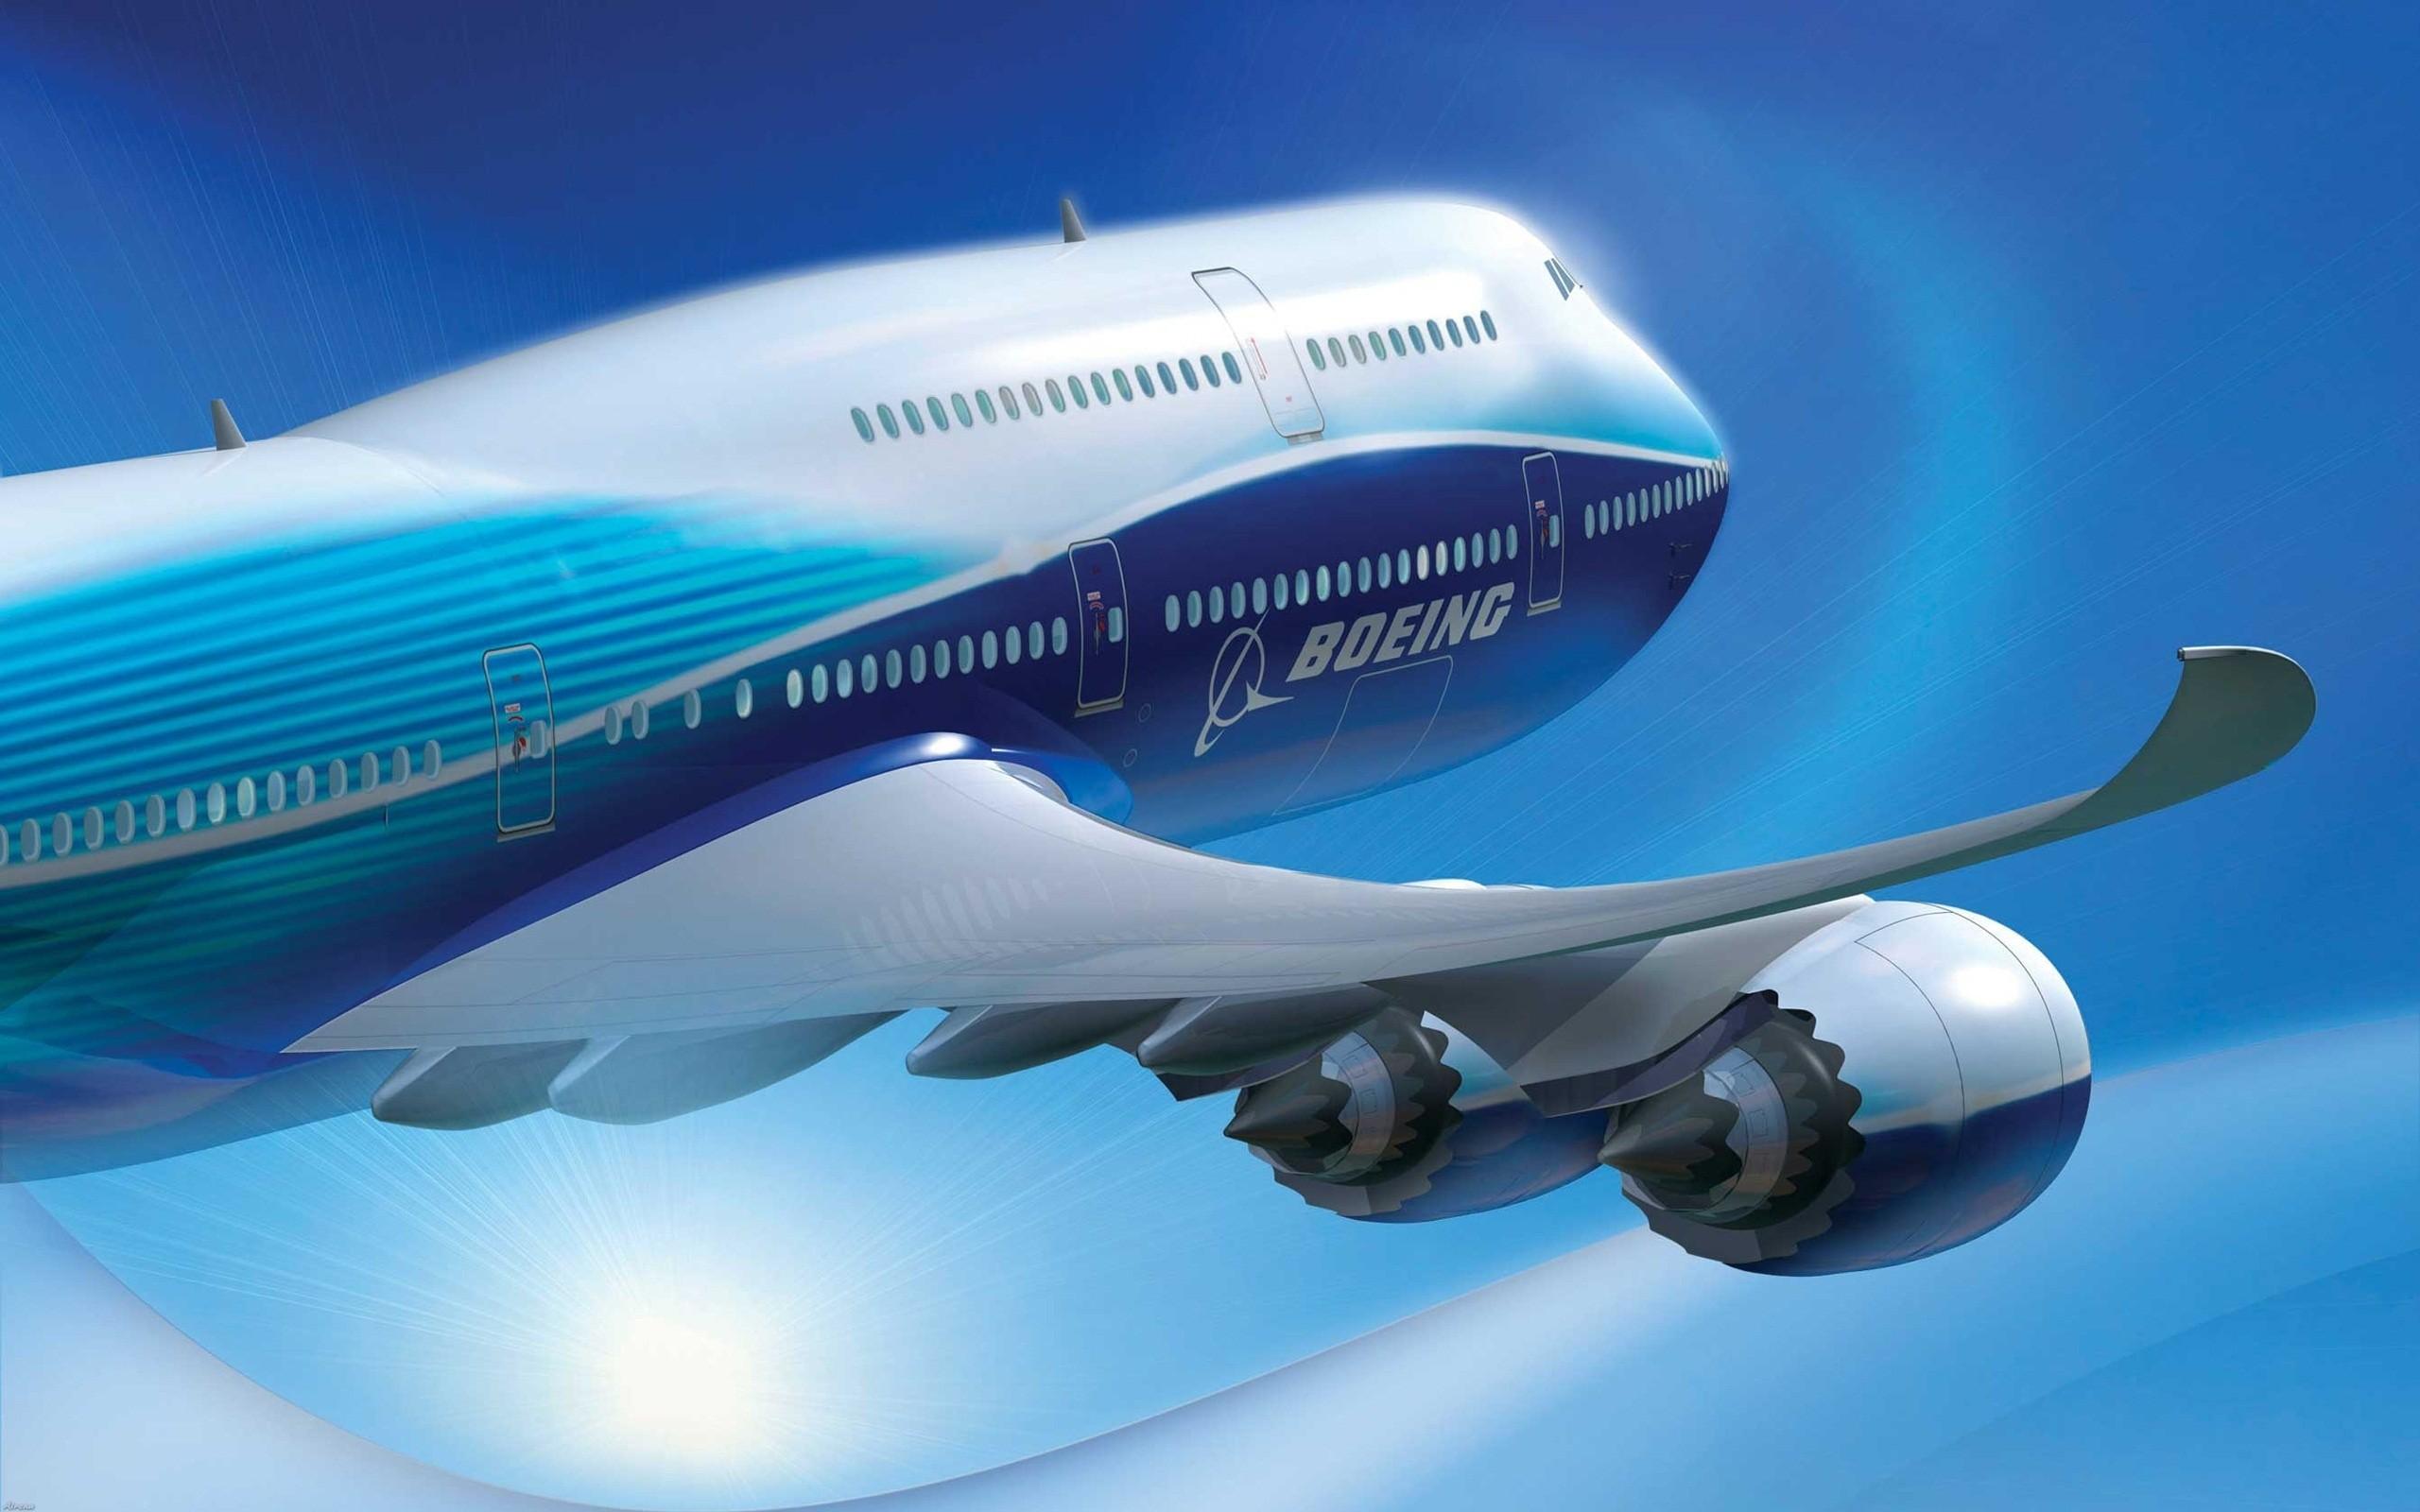 fractal aircraft hd image